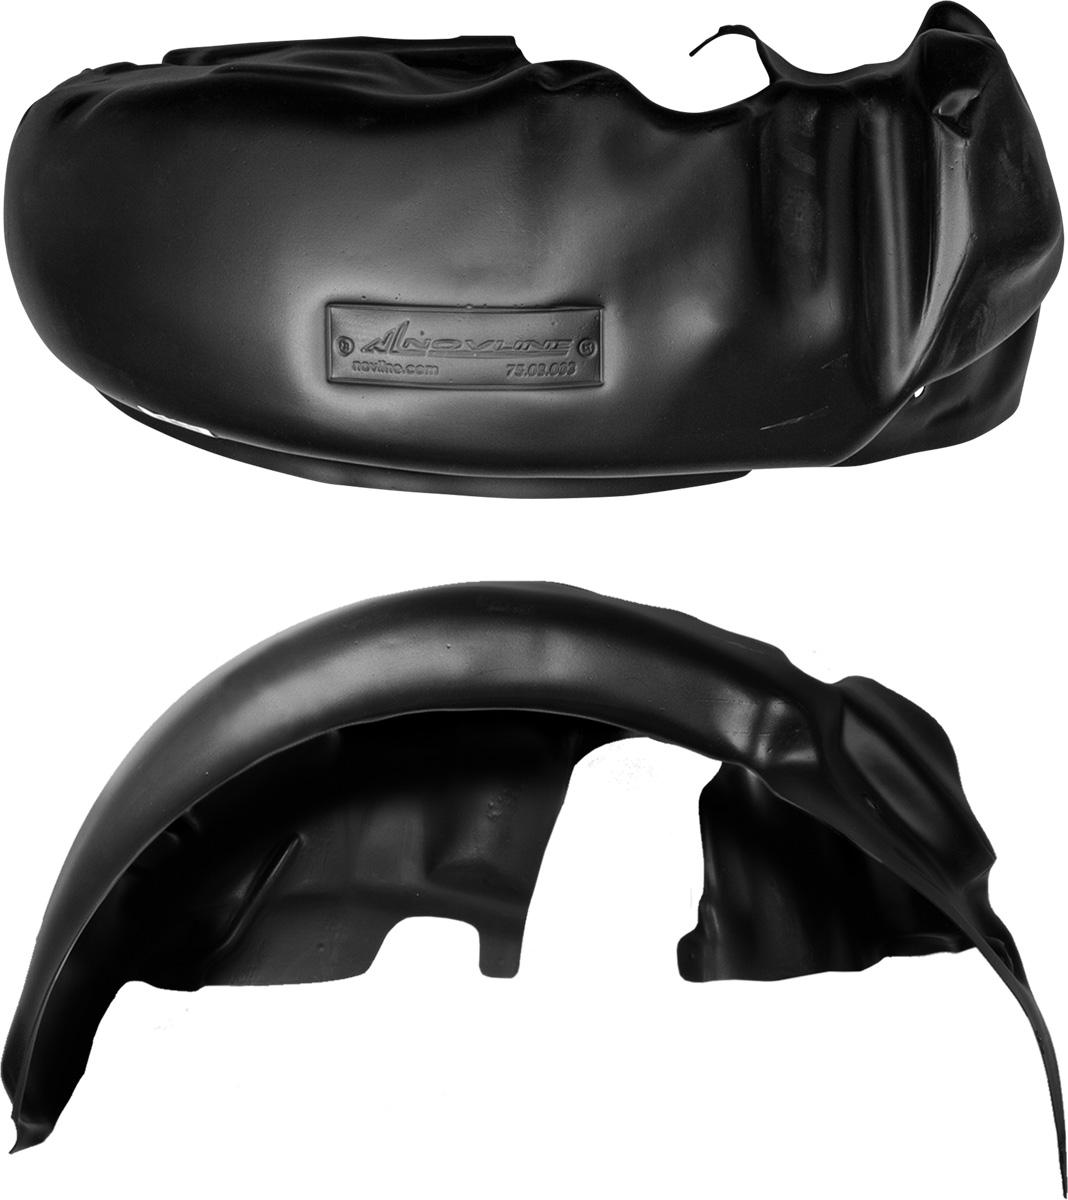 Подкрылок Novline-Autofamily, для Renault Sandero Stepway, 2010-2014, задний правыйNLL.41.28.004Колесные ниши - одни из самых уязвимых зон днища вашего автомобиля. Они постоянно подвергаются воздействию со стороны дороги. Лучшая, почти абсолютная защита для них - специально отформованные пластиковые кожухи, которые называются подкрылками. Производятся они как для отечественных моделей автомобилей, так и для иномарок. Подкрылки Novline-Autofamily выполнены из высококачественного, экологически чистого пластика. Обеспечивают надежную защиту кузова автомобиля от пескоструйного эффекта и негативного влияния, агрессивных антигололедных реагентов. Пластик обладает более низкой теплопроводностью, чем металл, поэтому в зимний период эксплуатации использование пластиковых подкрылков позволяет лучше защитить колесные ниши от налипания снега и образования наледи. Оригинальность конструкции подчеркивает элегантность автомобиля, бережно защищает нанесенное на днище кузова антикоррозийное покрытие и позволяет осуществить крепление подкрылков внутри колесной арки практически без...